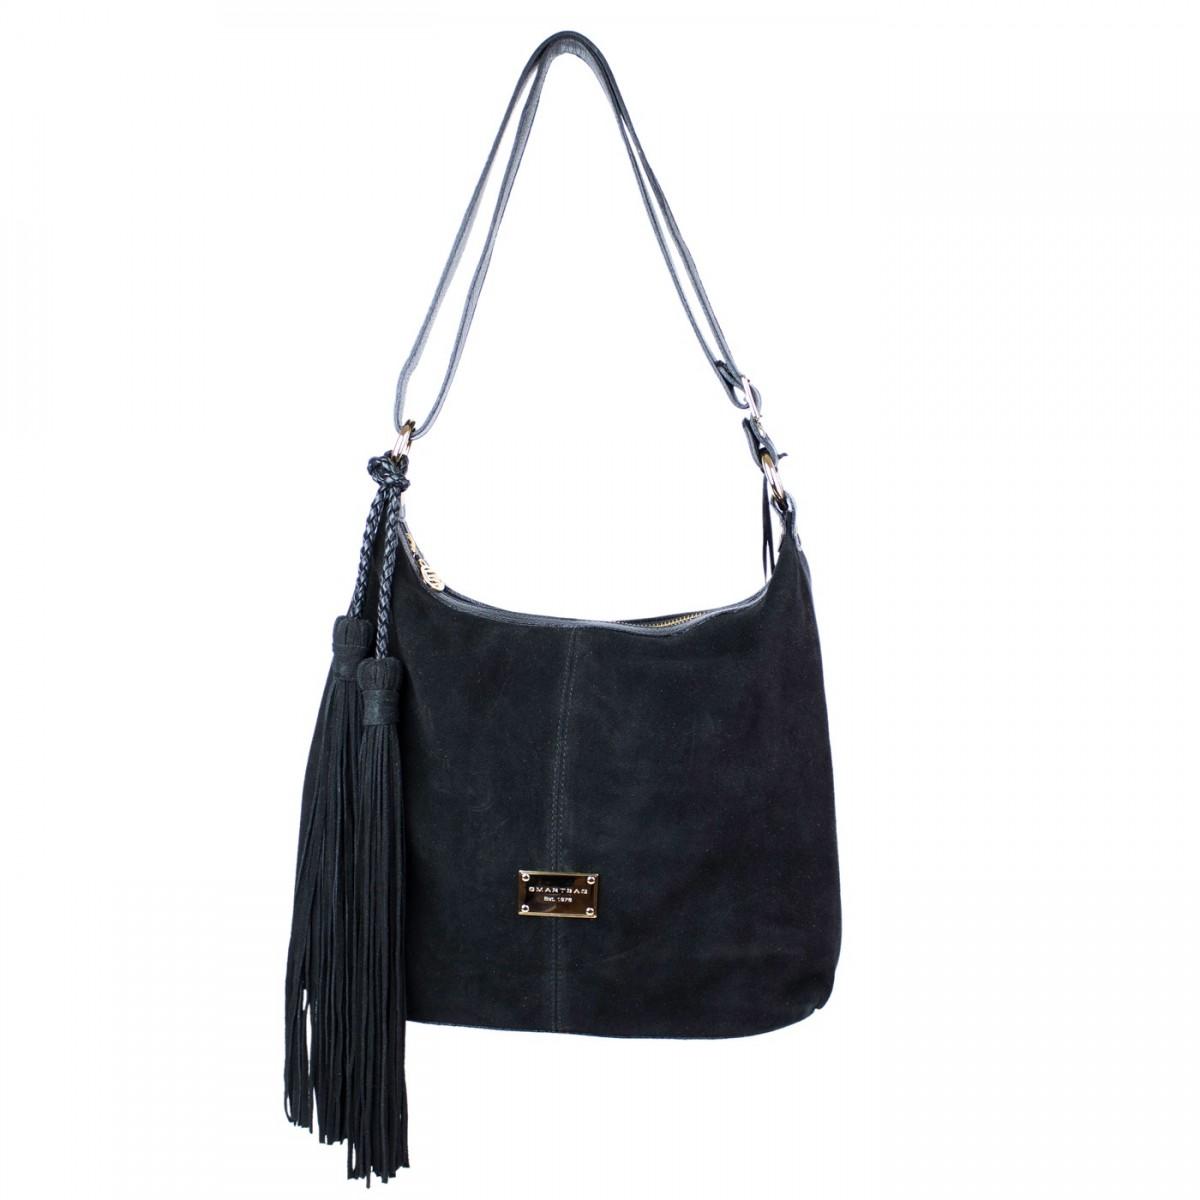 Bolsa Feminina Casual : Bizz store bolsa feminina smartbag casual camur?a